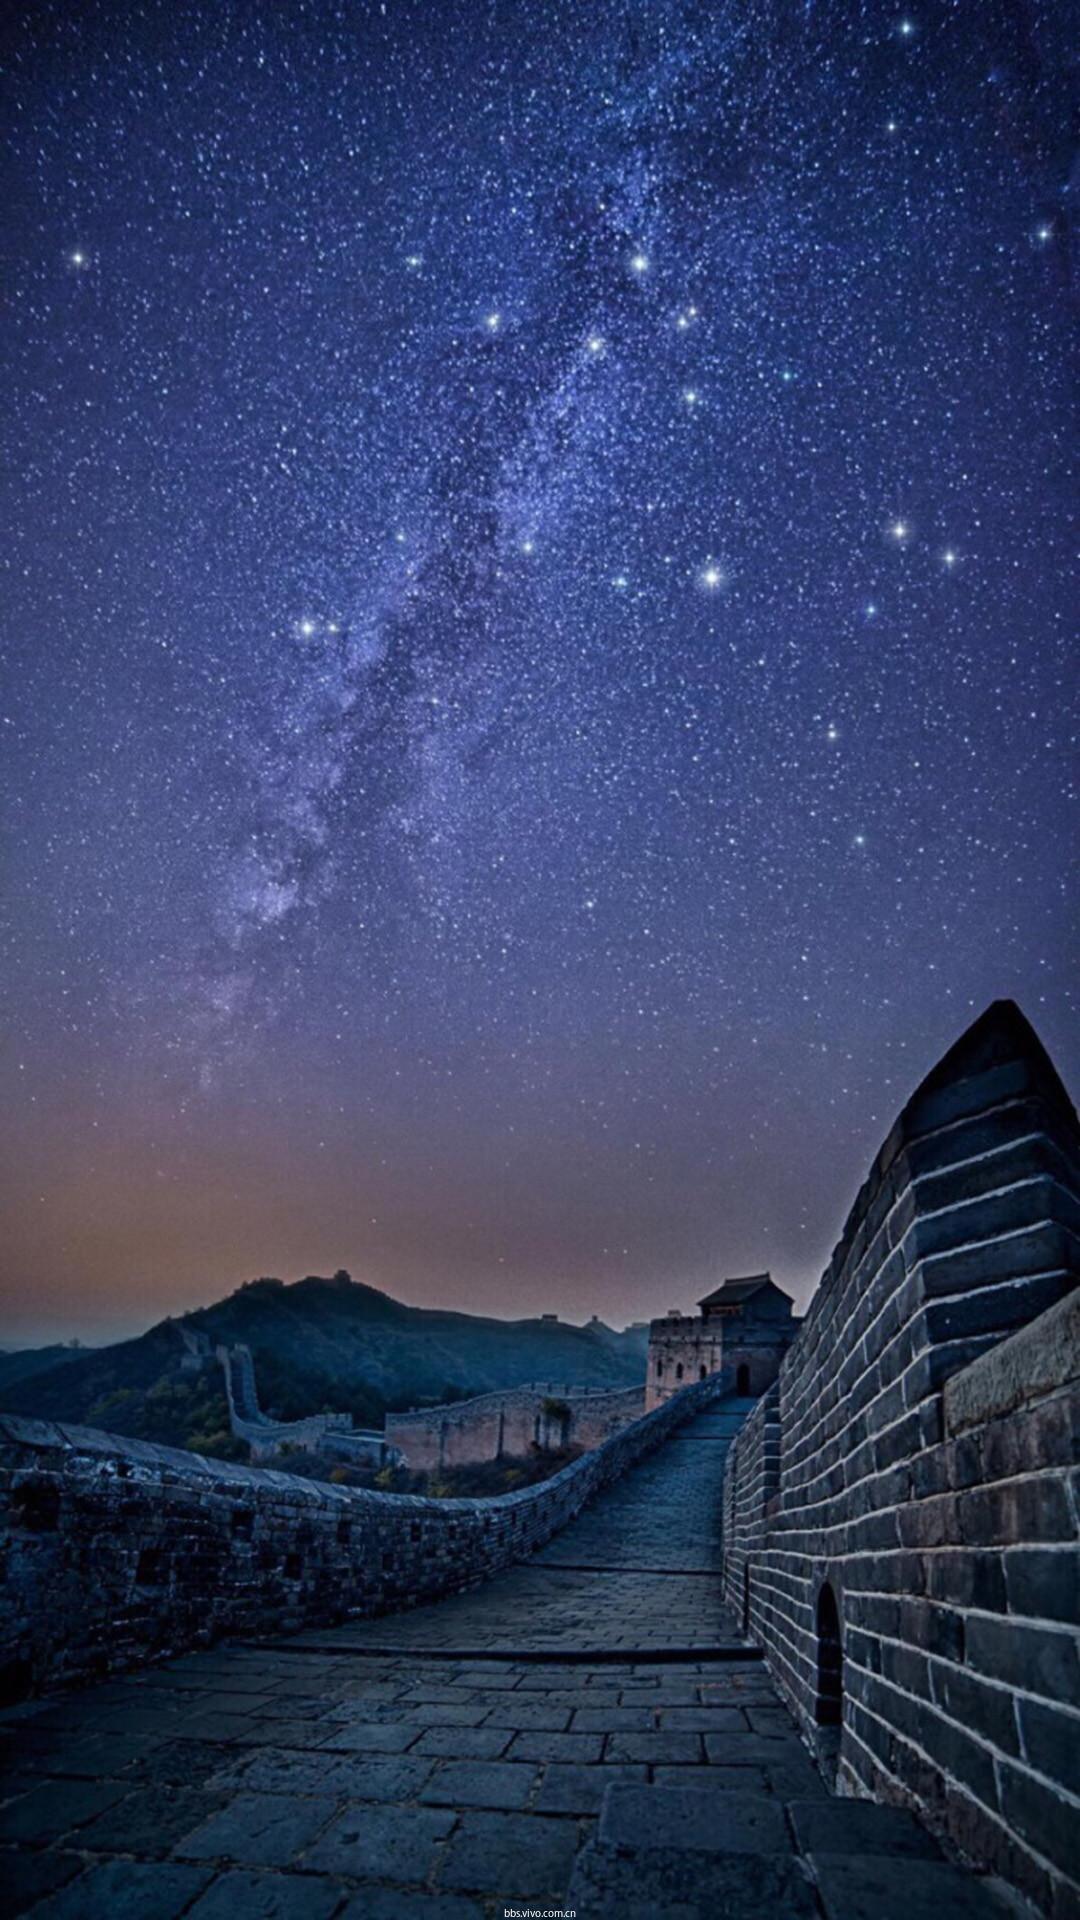 【v粉主题素材壁纸】唯美夜晚星空风景手机竖屏壁纸